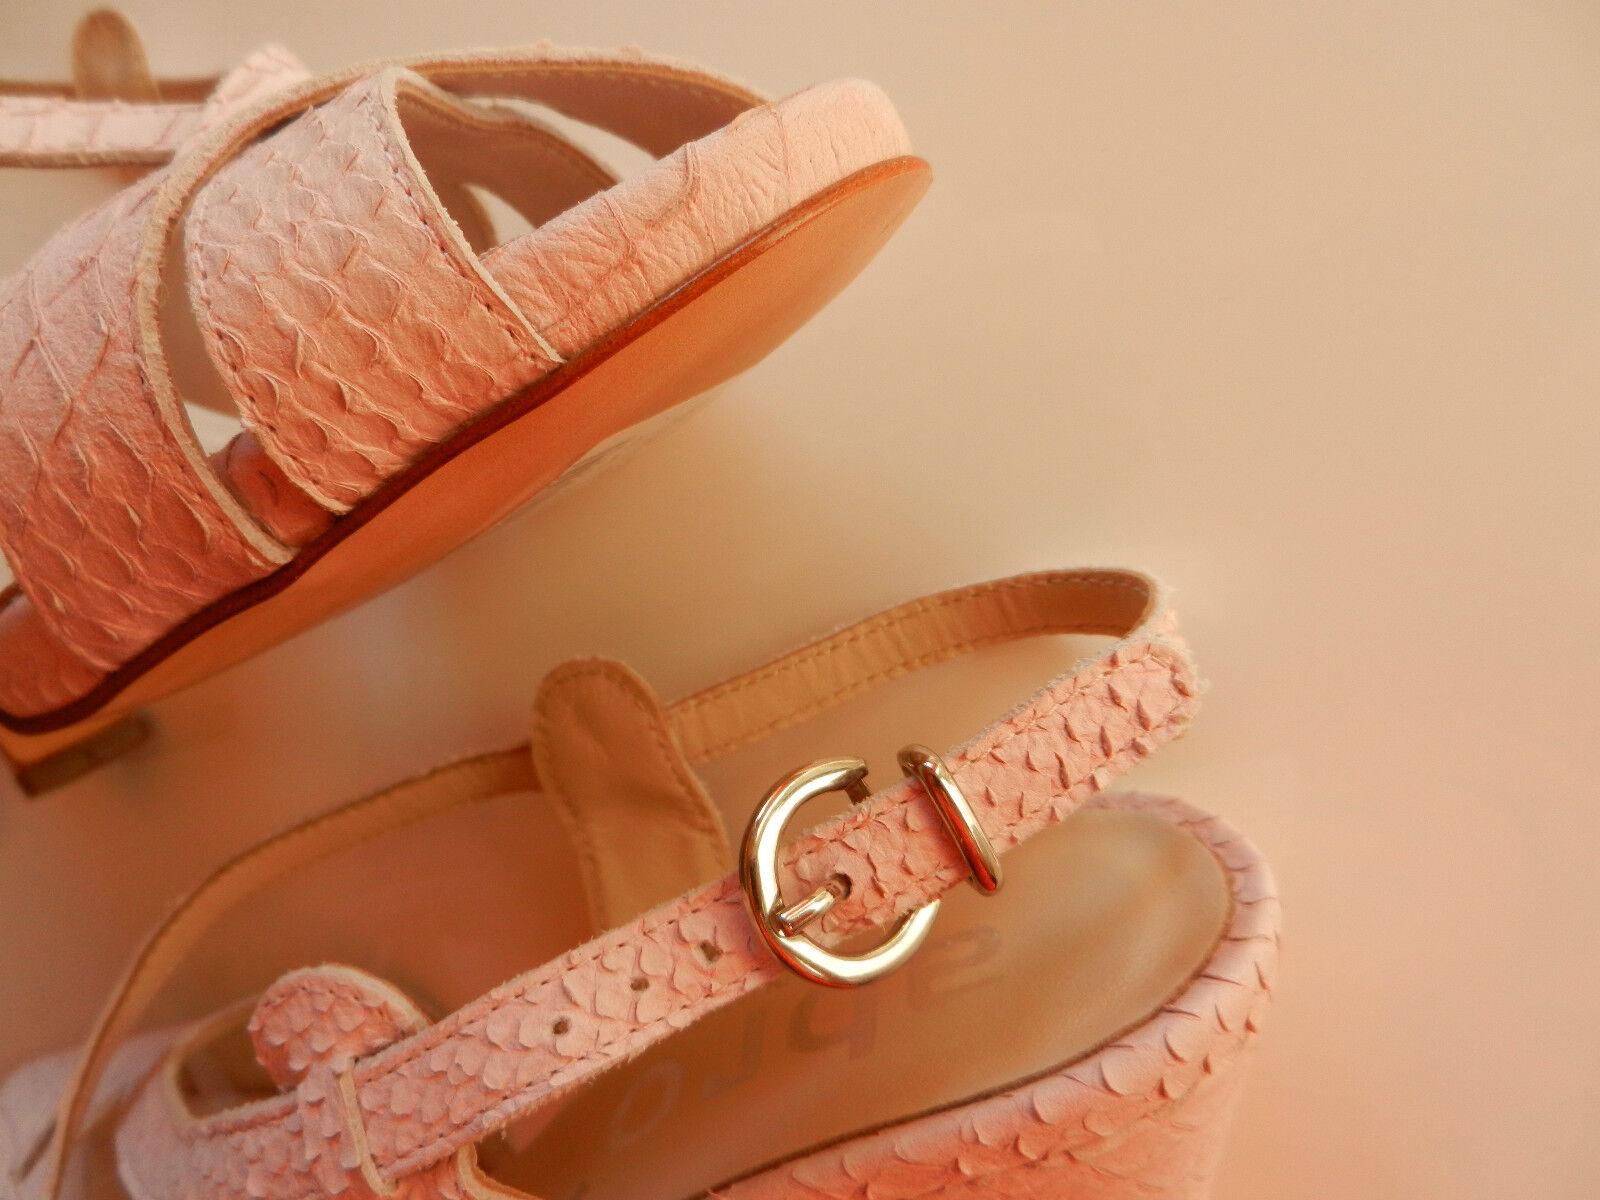 ABRO Damenschuhe Optik Ledersandalette Sandalette * Reptil Optik Damenschuhe * Rosa * Gr. 37 NEU 322f62